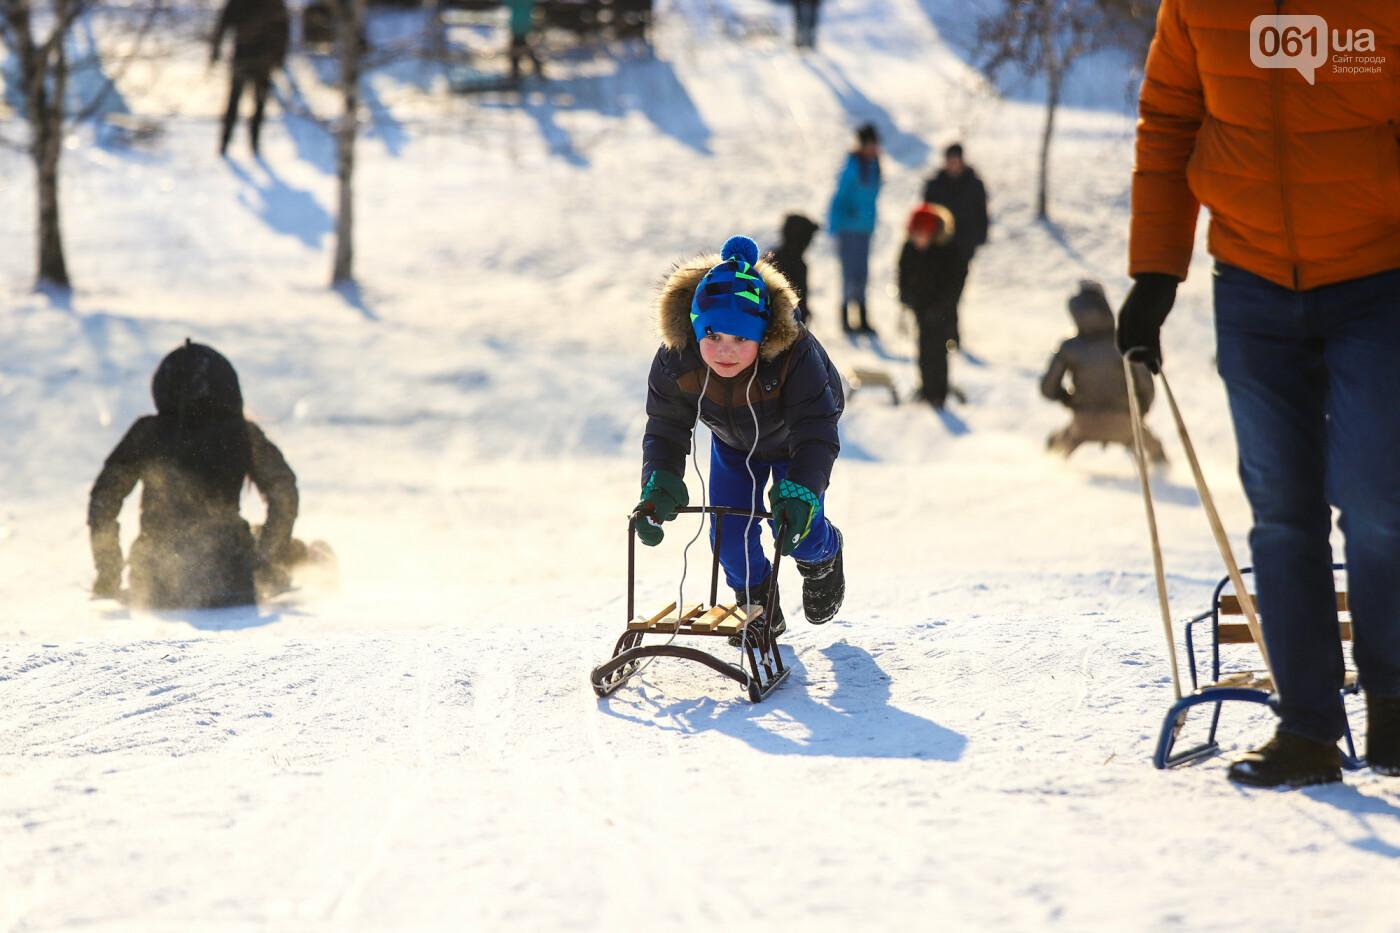 На санках, лыжах и сноуборде: запорожцы устроили массовое катание с горок в Вознесеновском парке, - ФОТОРЕПОРТАЖ, фото-73